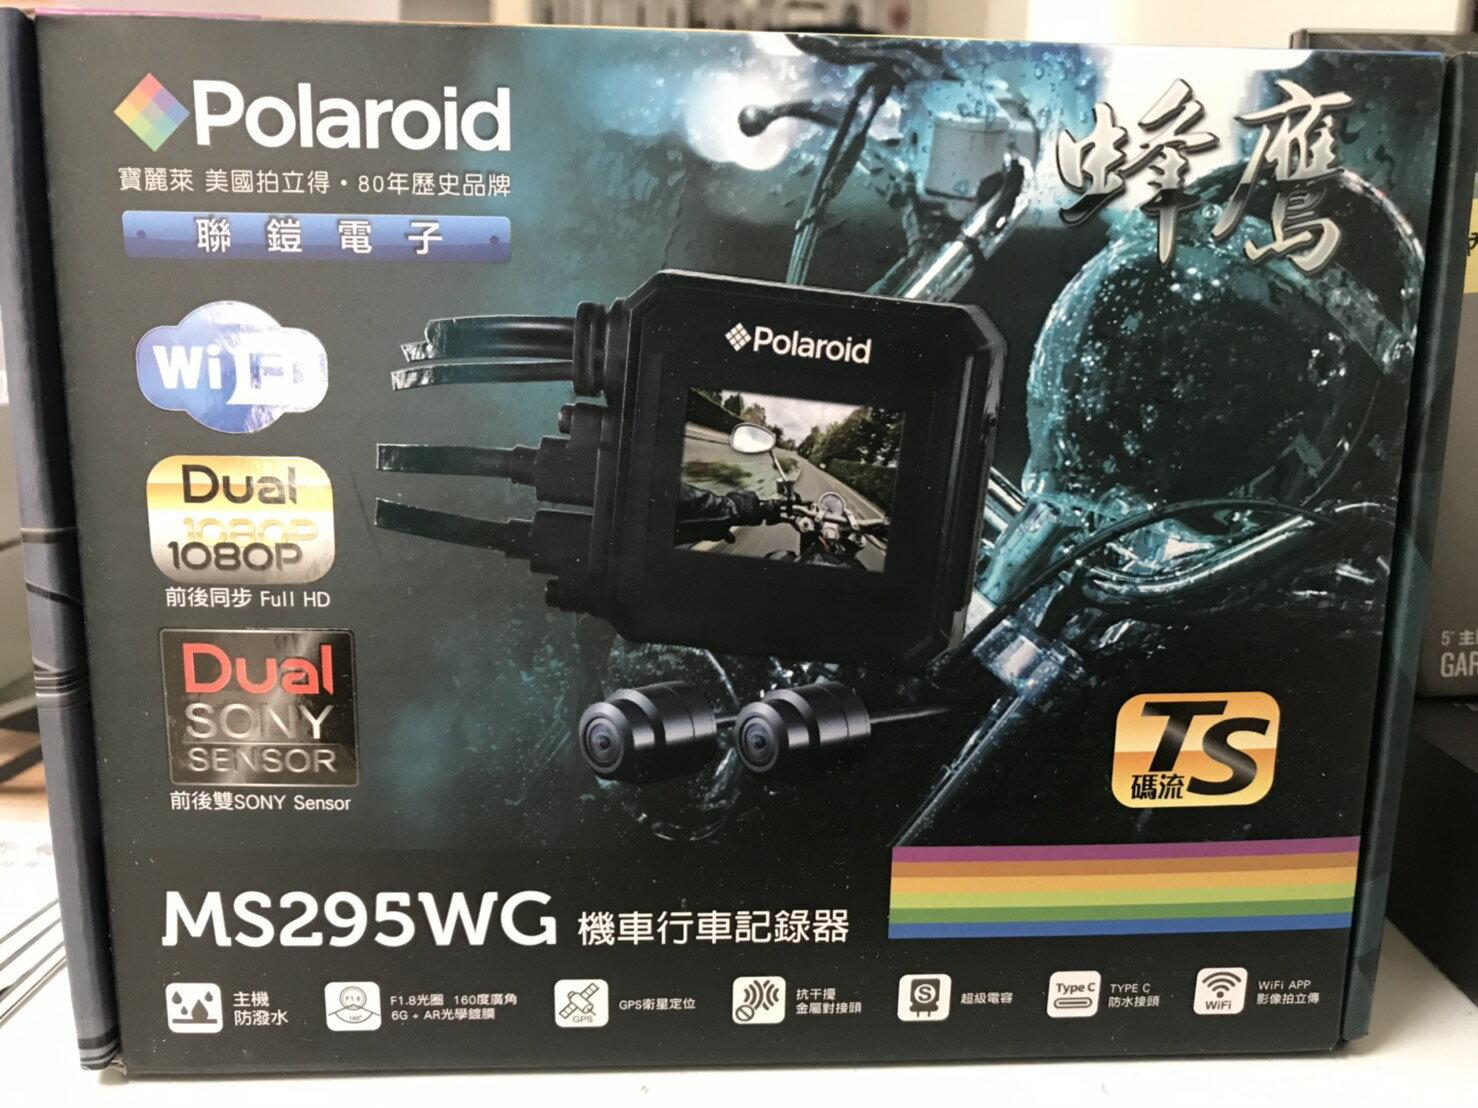 【現貨 含稅】Polaroid 寶麗萊 MS295WG 巨蜂鷹 前後1080P WIFI 機車行車紀錄器(內含32G)